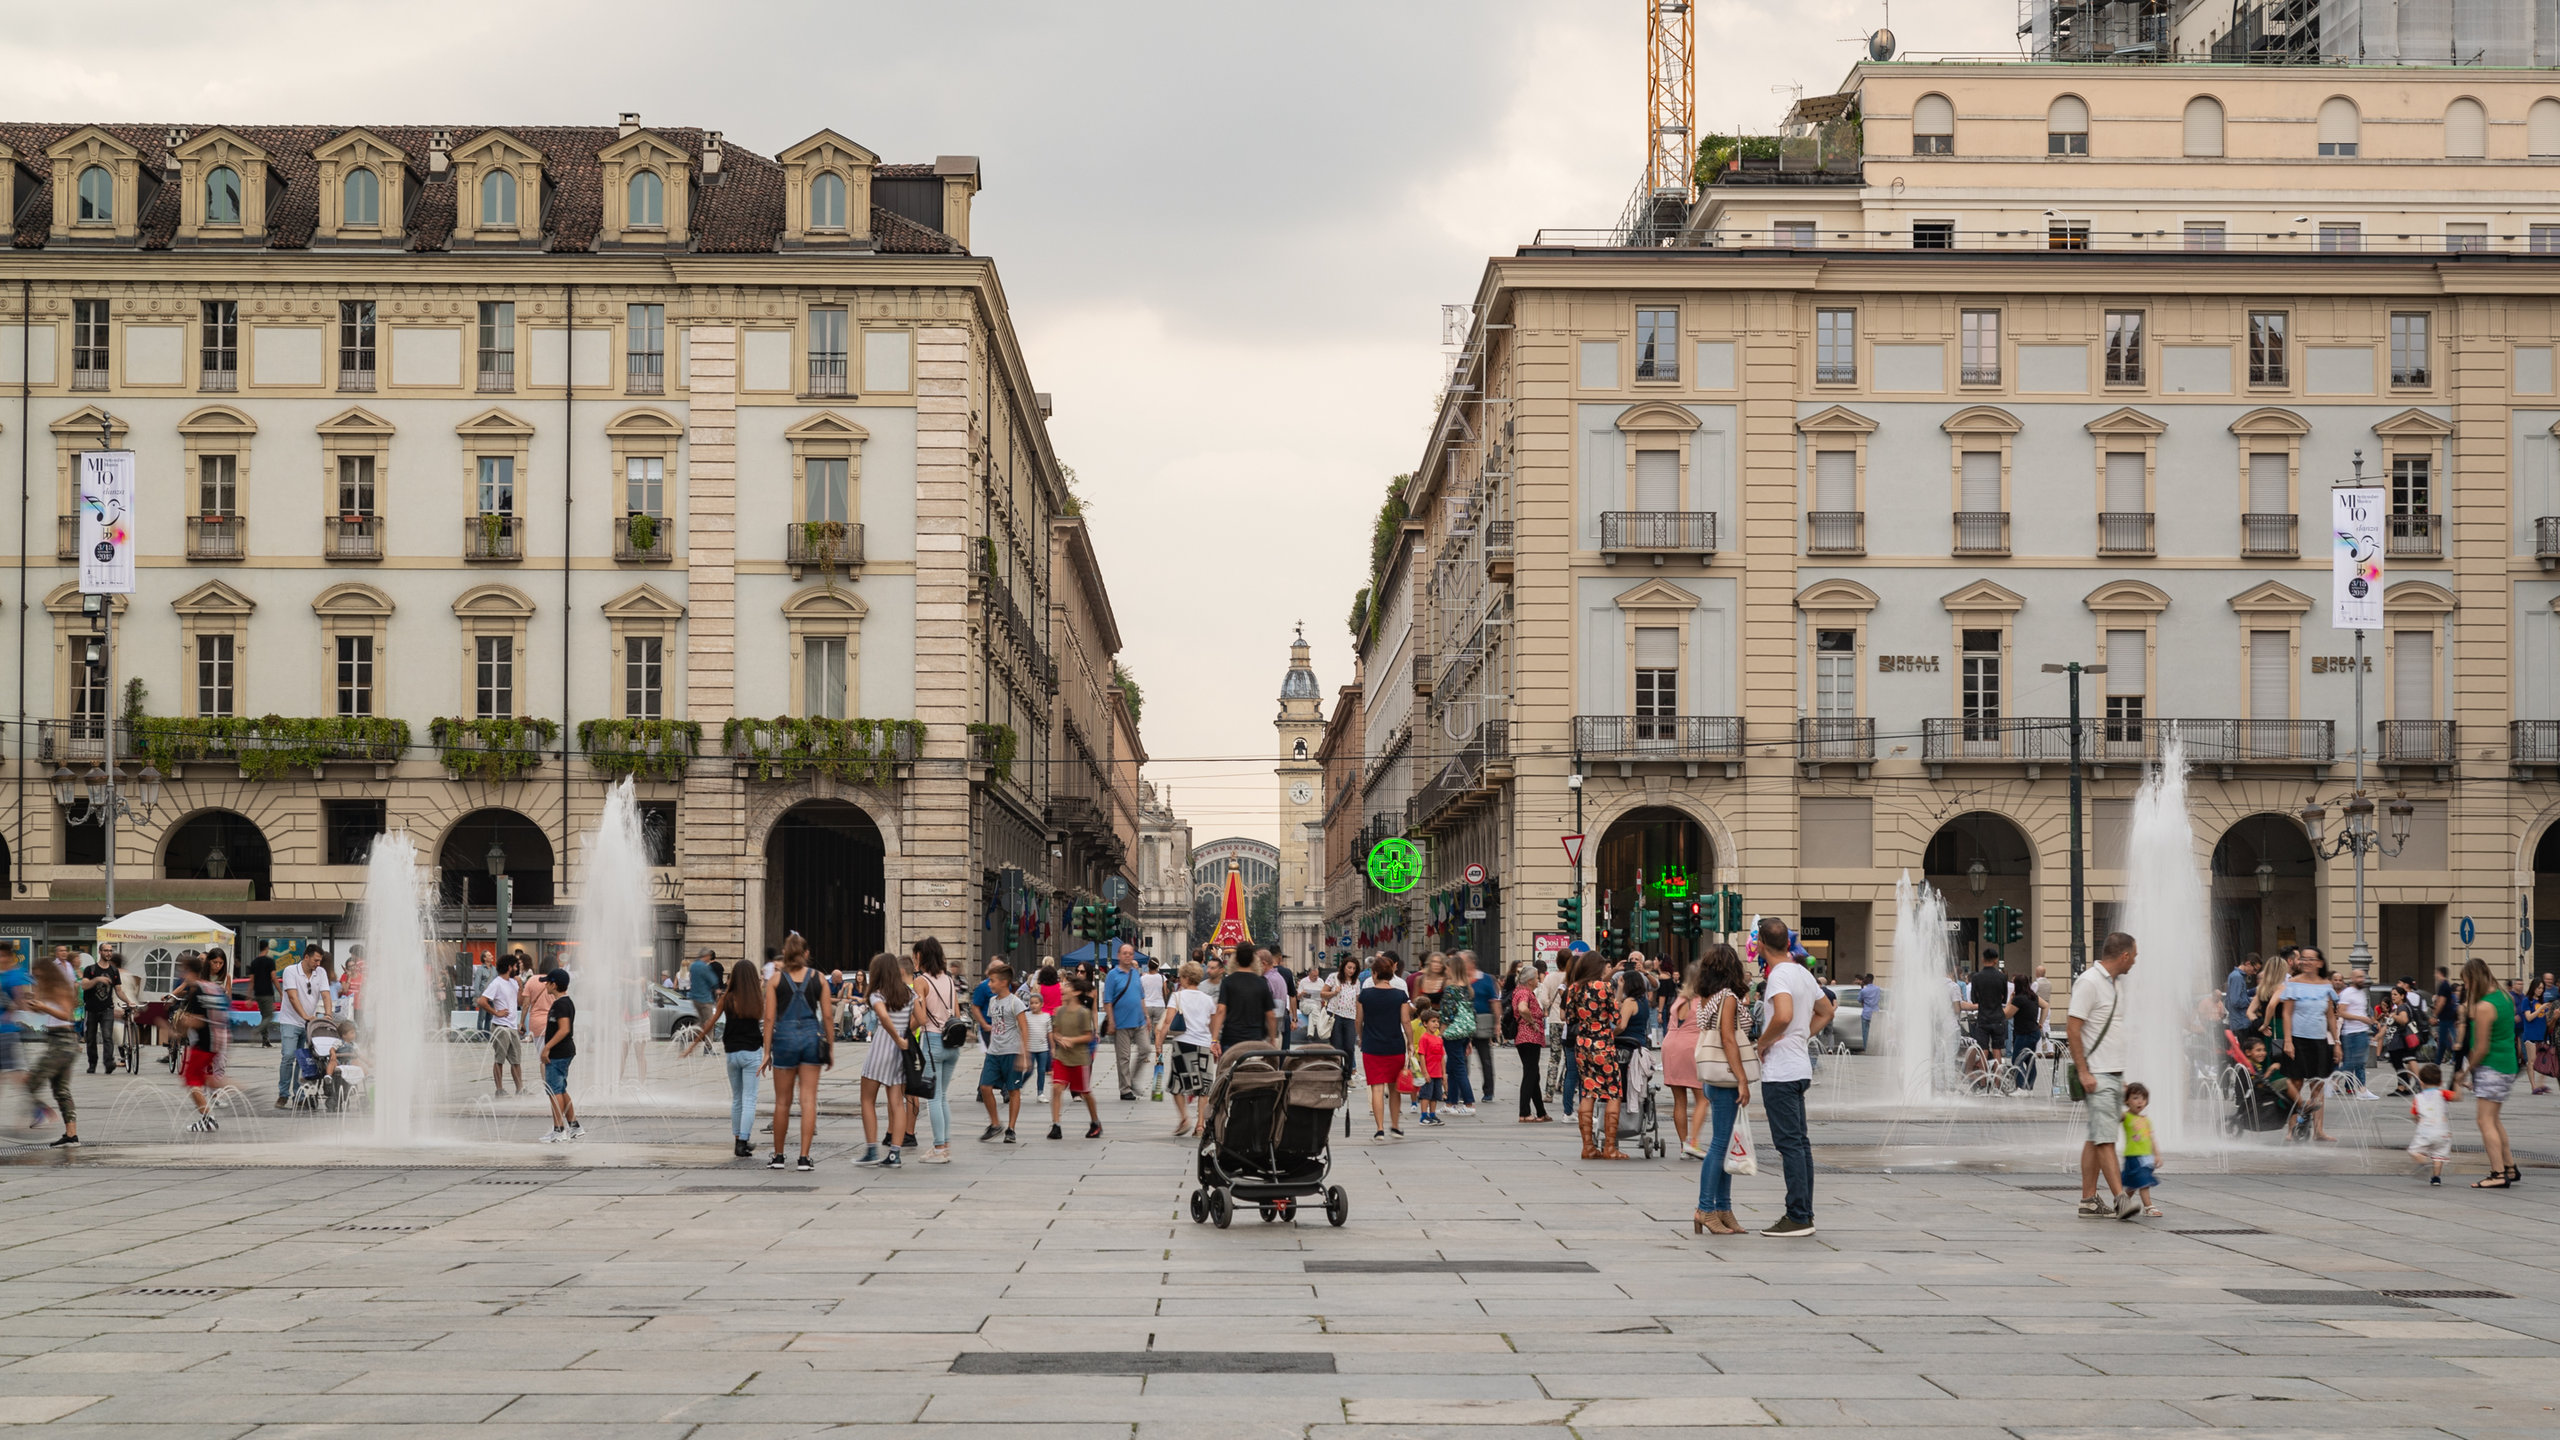 Bakgrunnen til Torino kan du lære mer om hvis du besøker Piazza Castello. Området har shoppingmuligheter du bør oppleve under besøket.